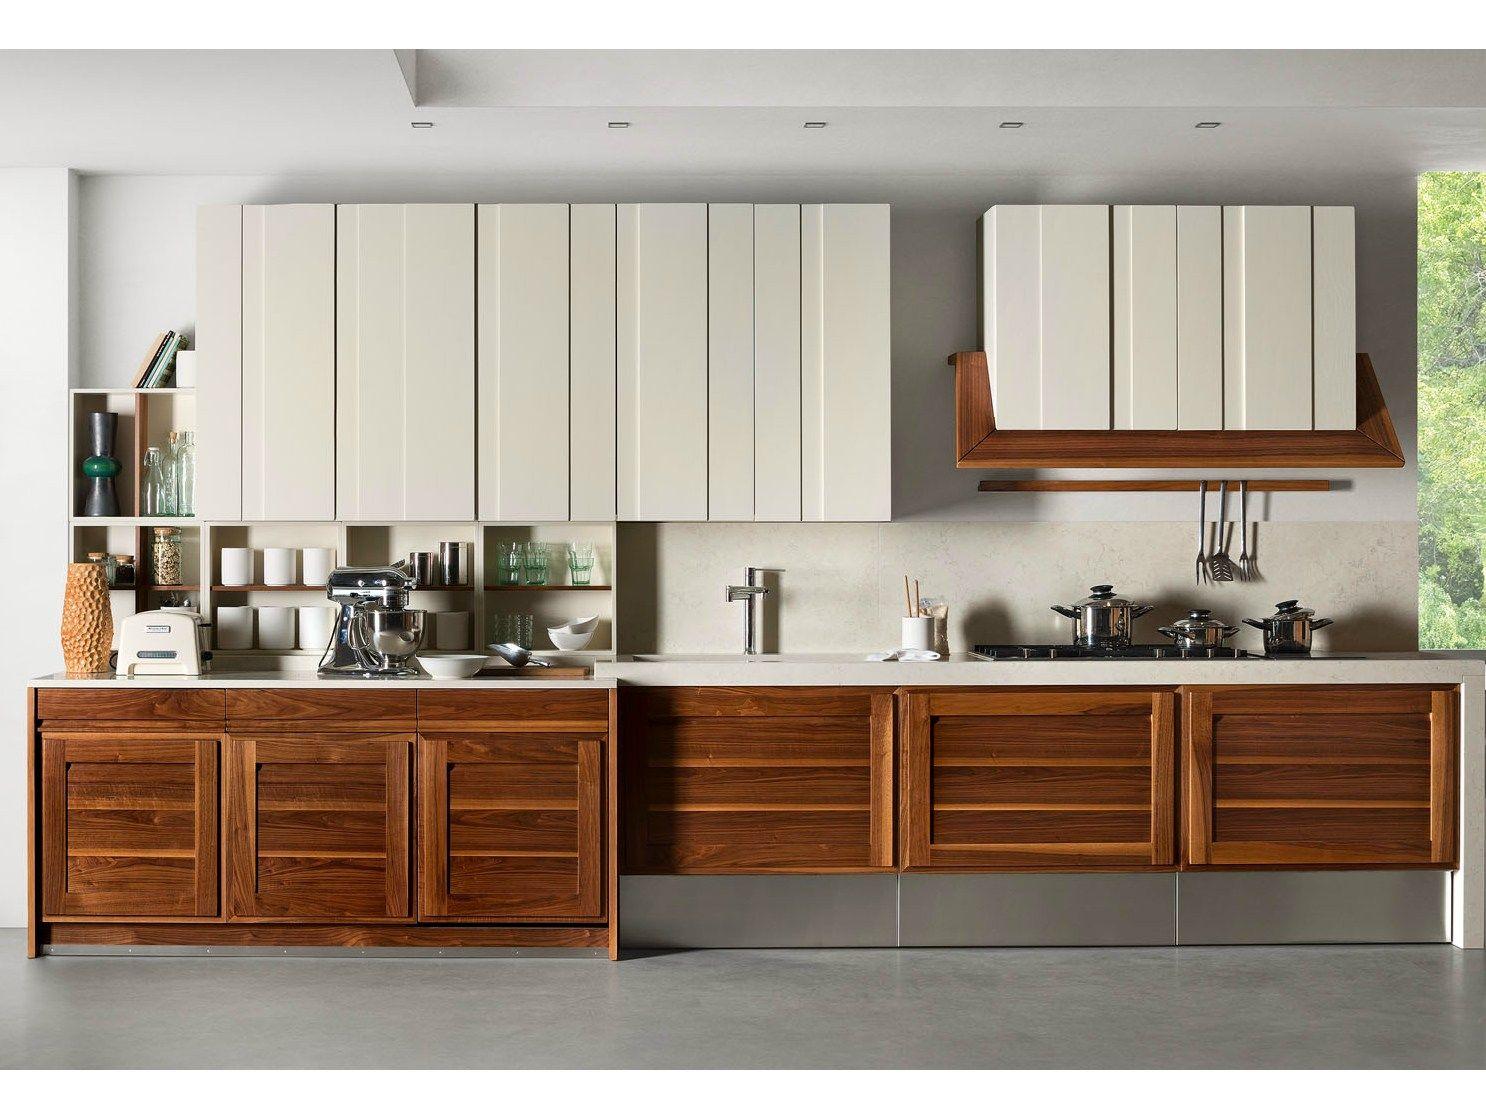 Mobili Per Cucina Componibile. Beautiful Mobili Per Cucina ...